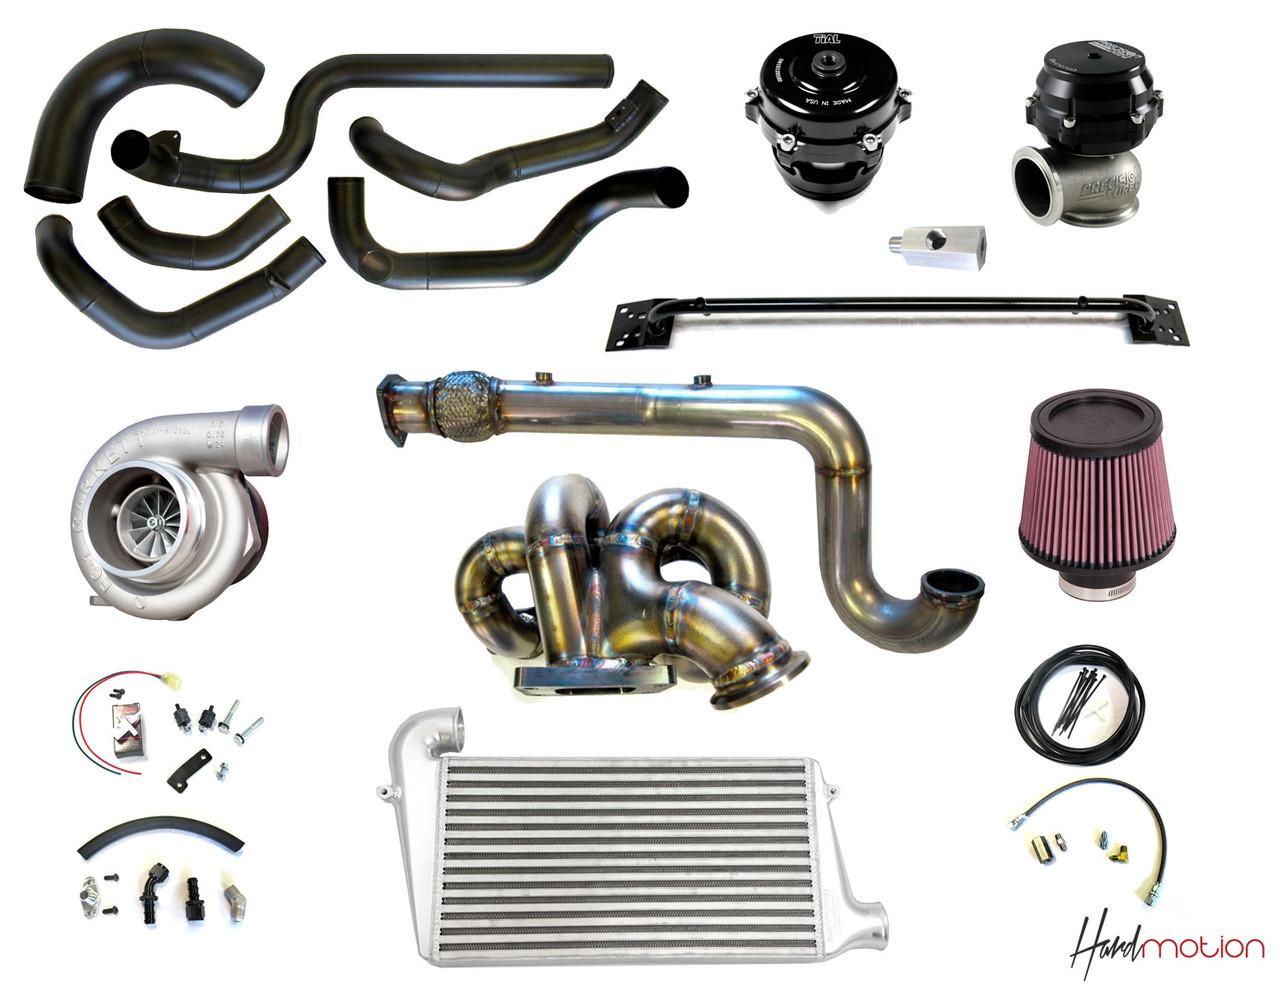 prl motorsports 2006 2011 honda civic si turbo kit 8th gen. Black Bedroom Furniture Sets. Home Design Ideas